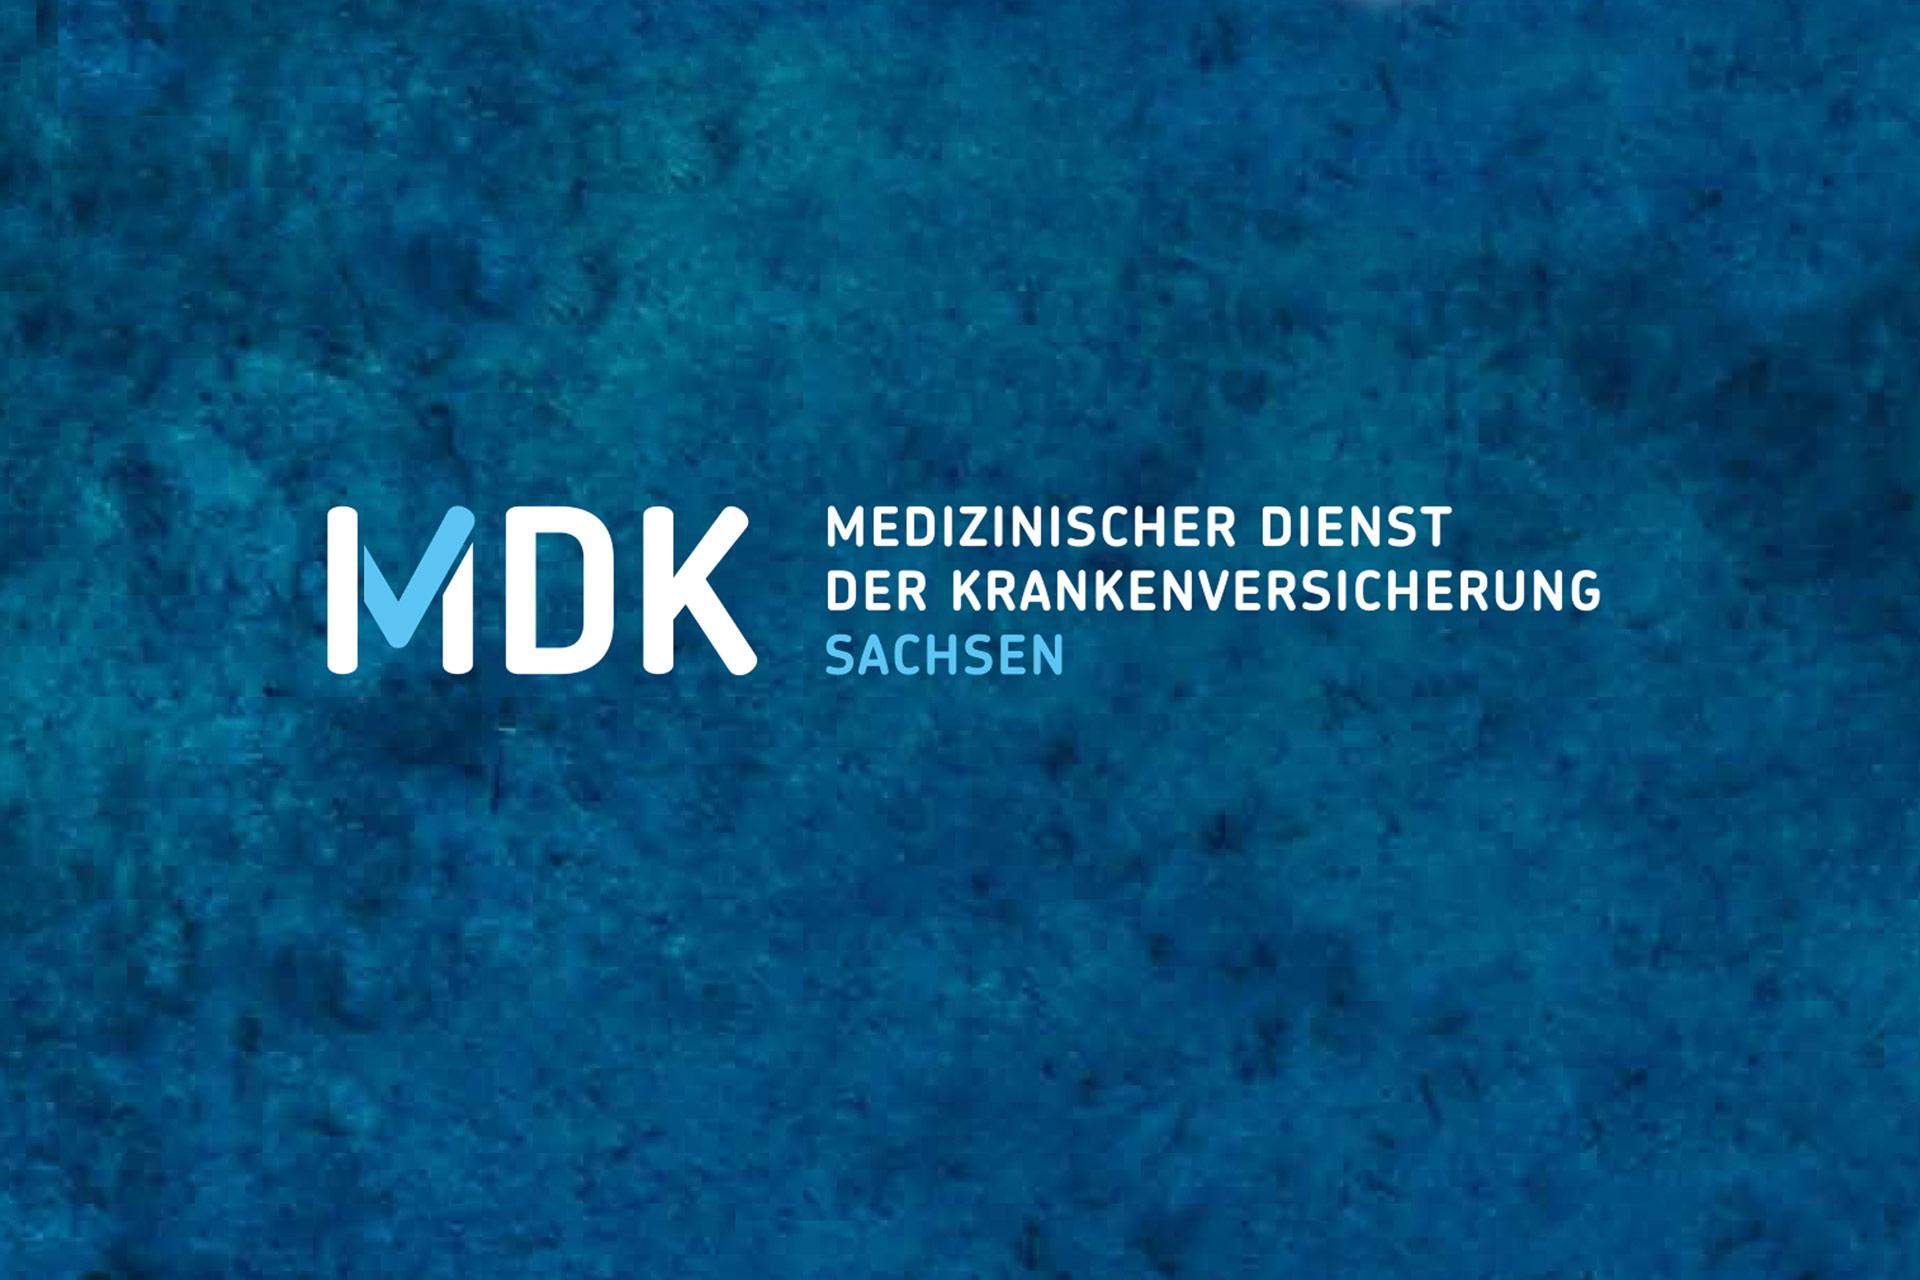 Logo des MDK Sachsen